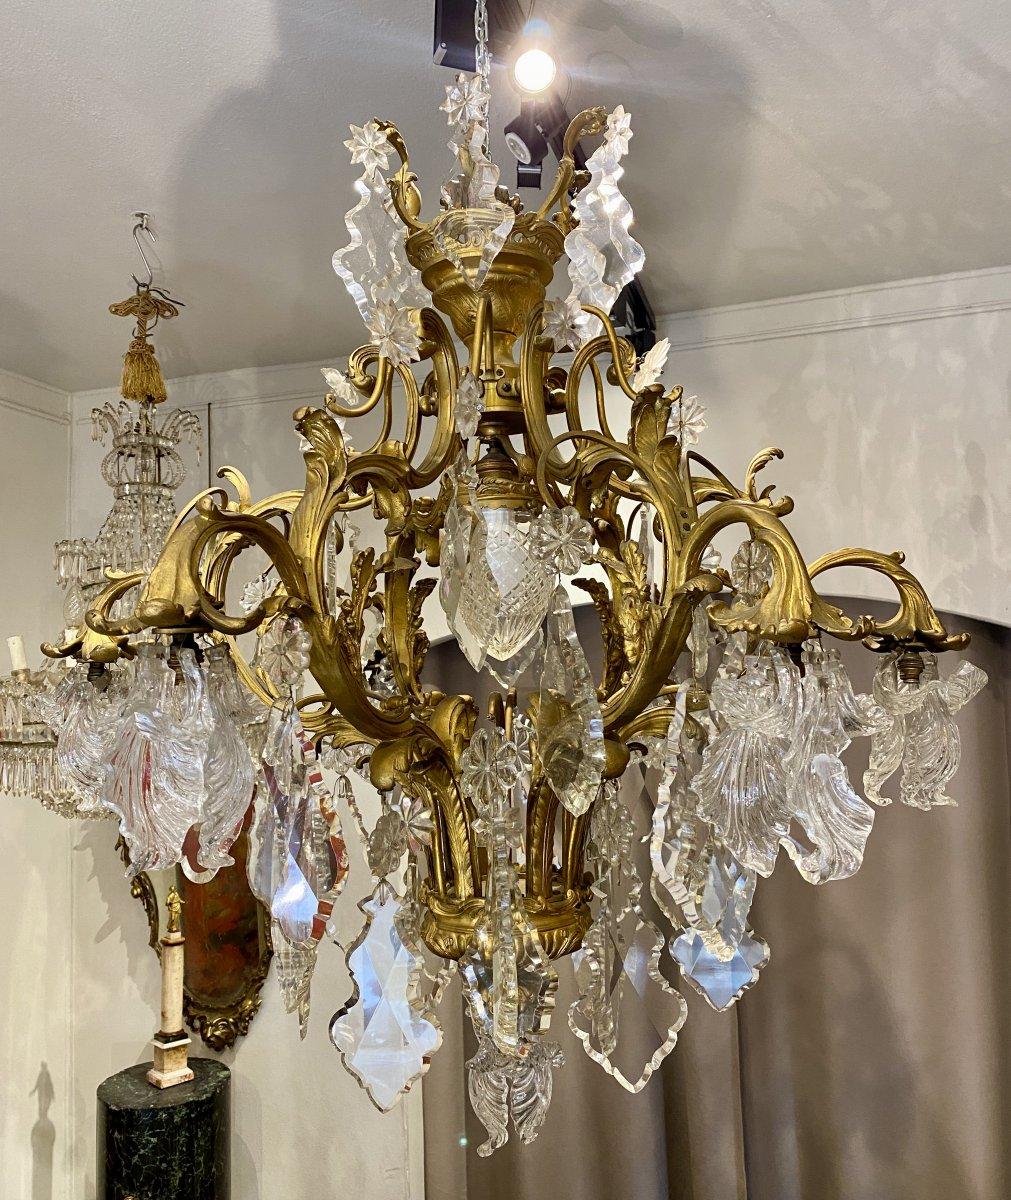 Lustre à 8 lumières en bronze doré et cristal taillé, Napoléon III